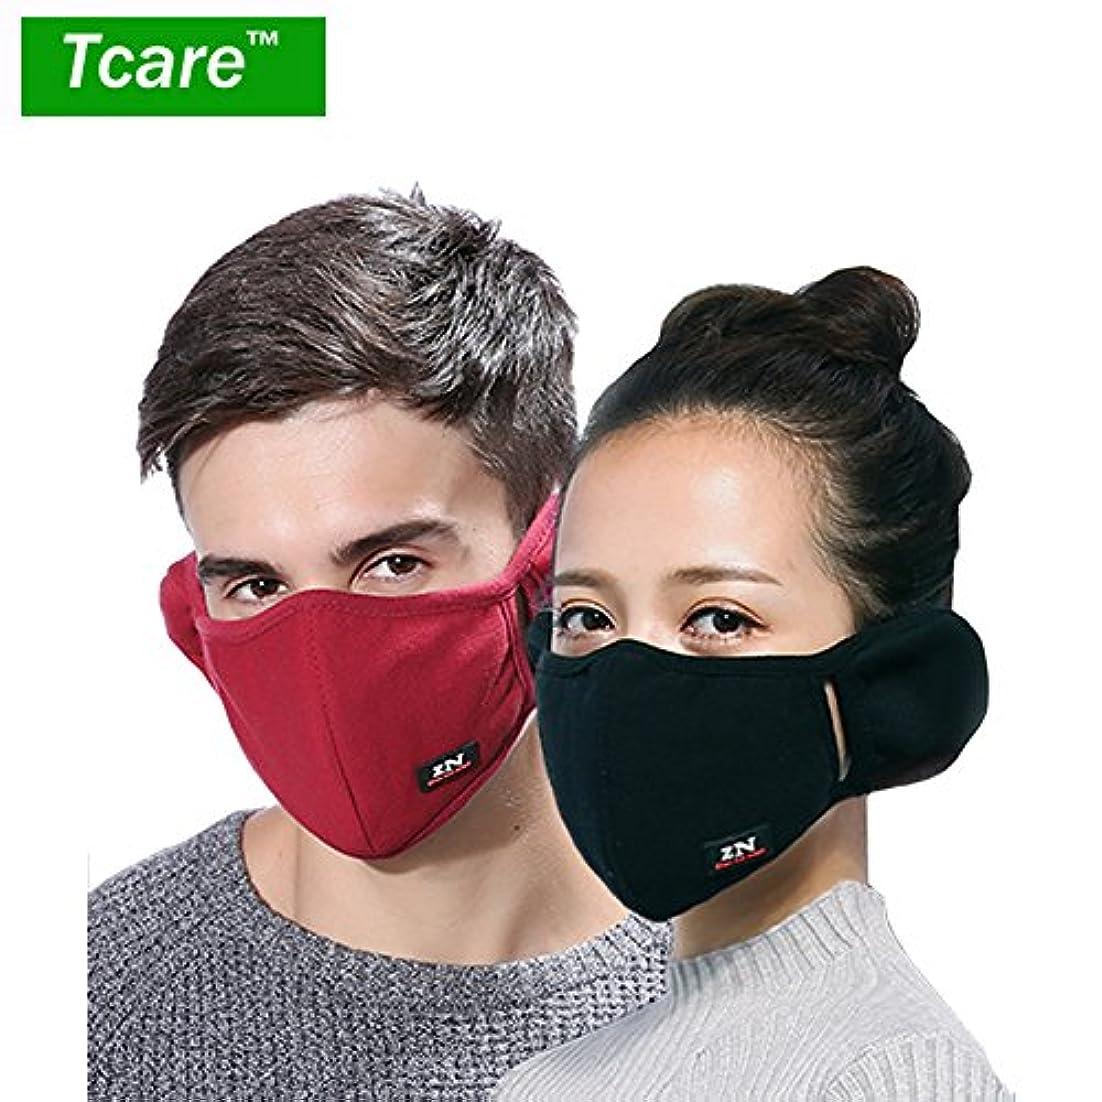 セクション特に枝男性女性の少年少女のためのTcare呼吸器2レイヤピュアコットン保護フィルター挿入口:10紺